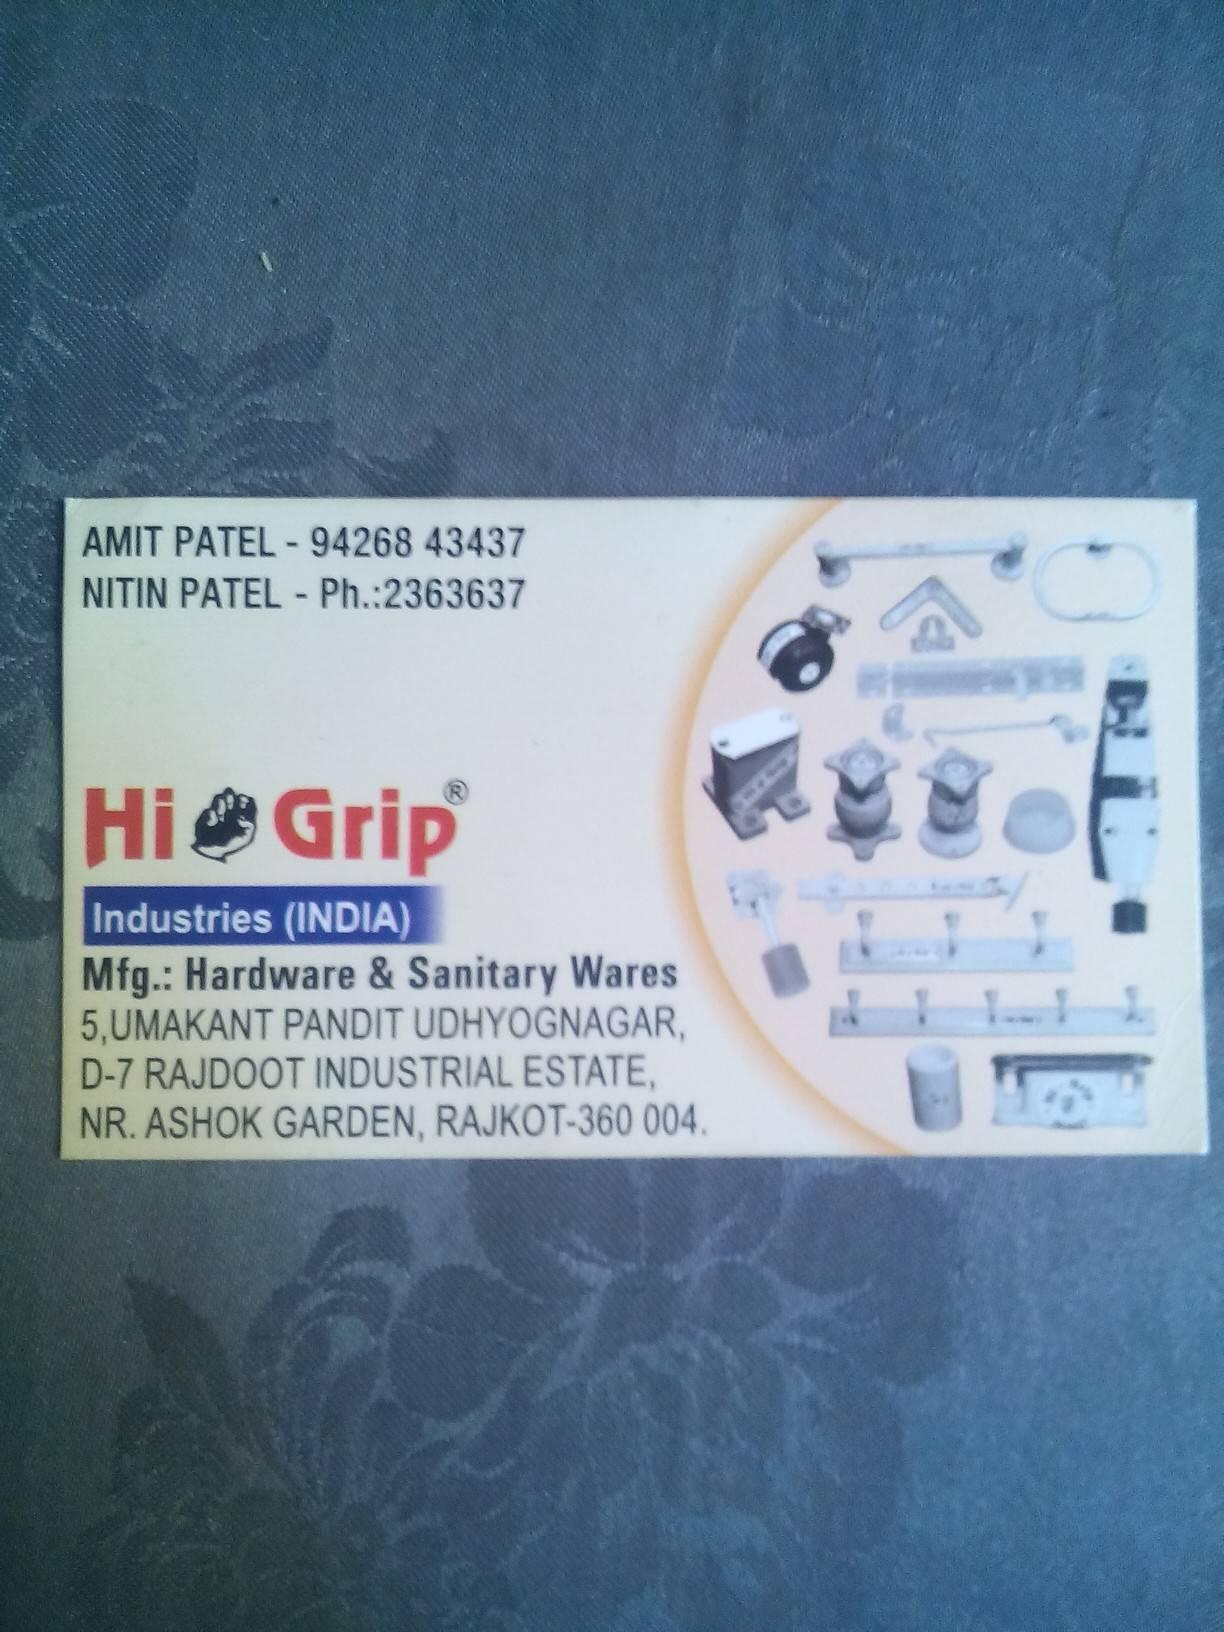 Hi Grip Industries